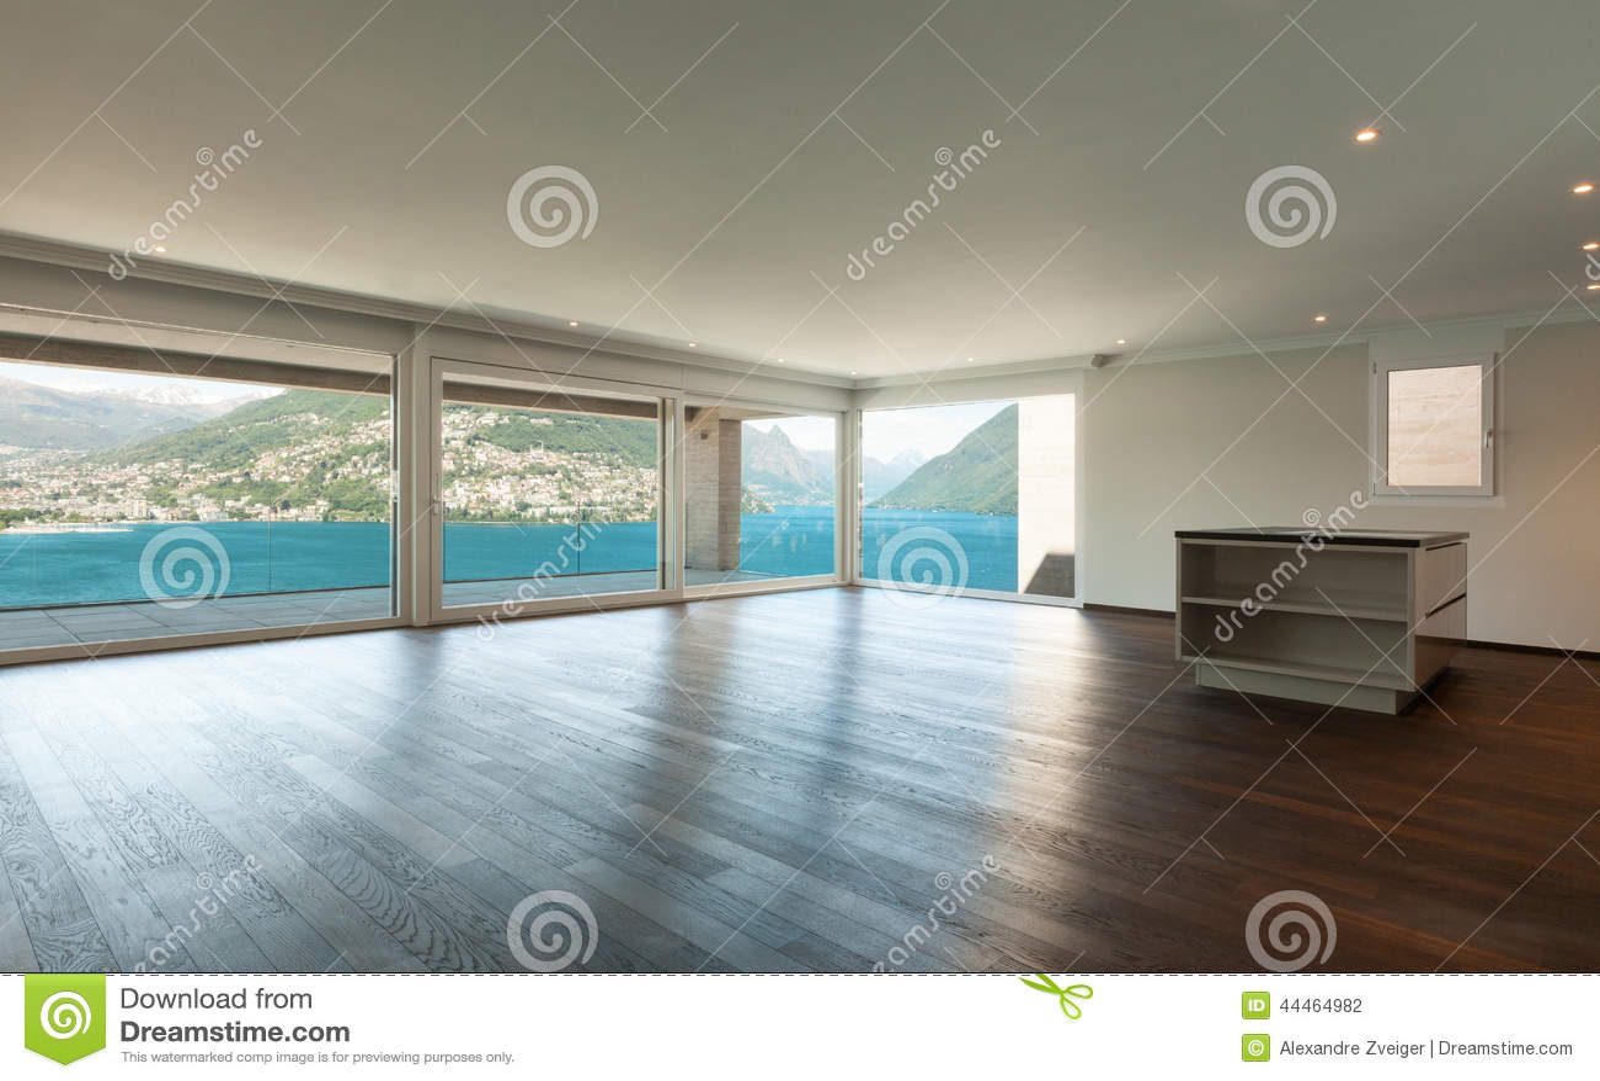 Schönes Modernes Haus, Innen Stockfoto - Bild von küche, weit: 44464982